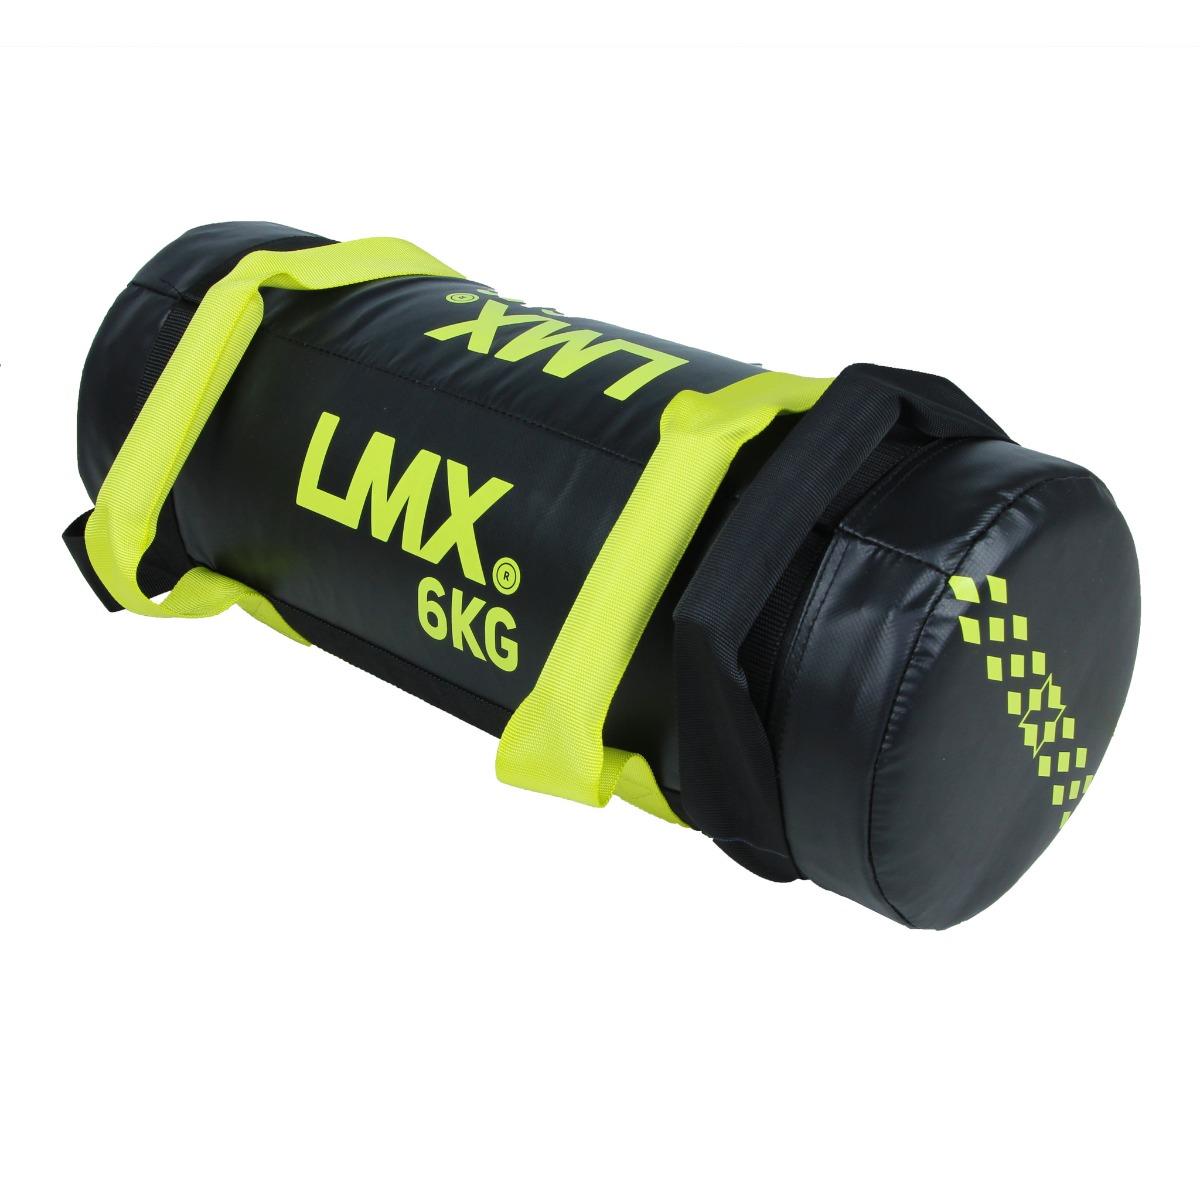 Challenge bag 6 kg - jokasport.nl